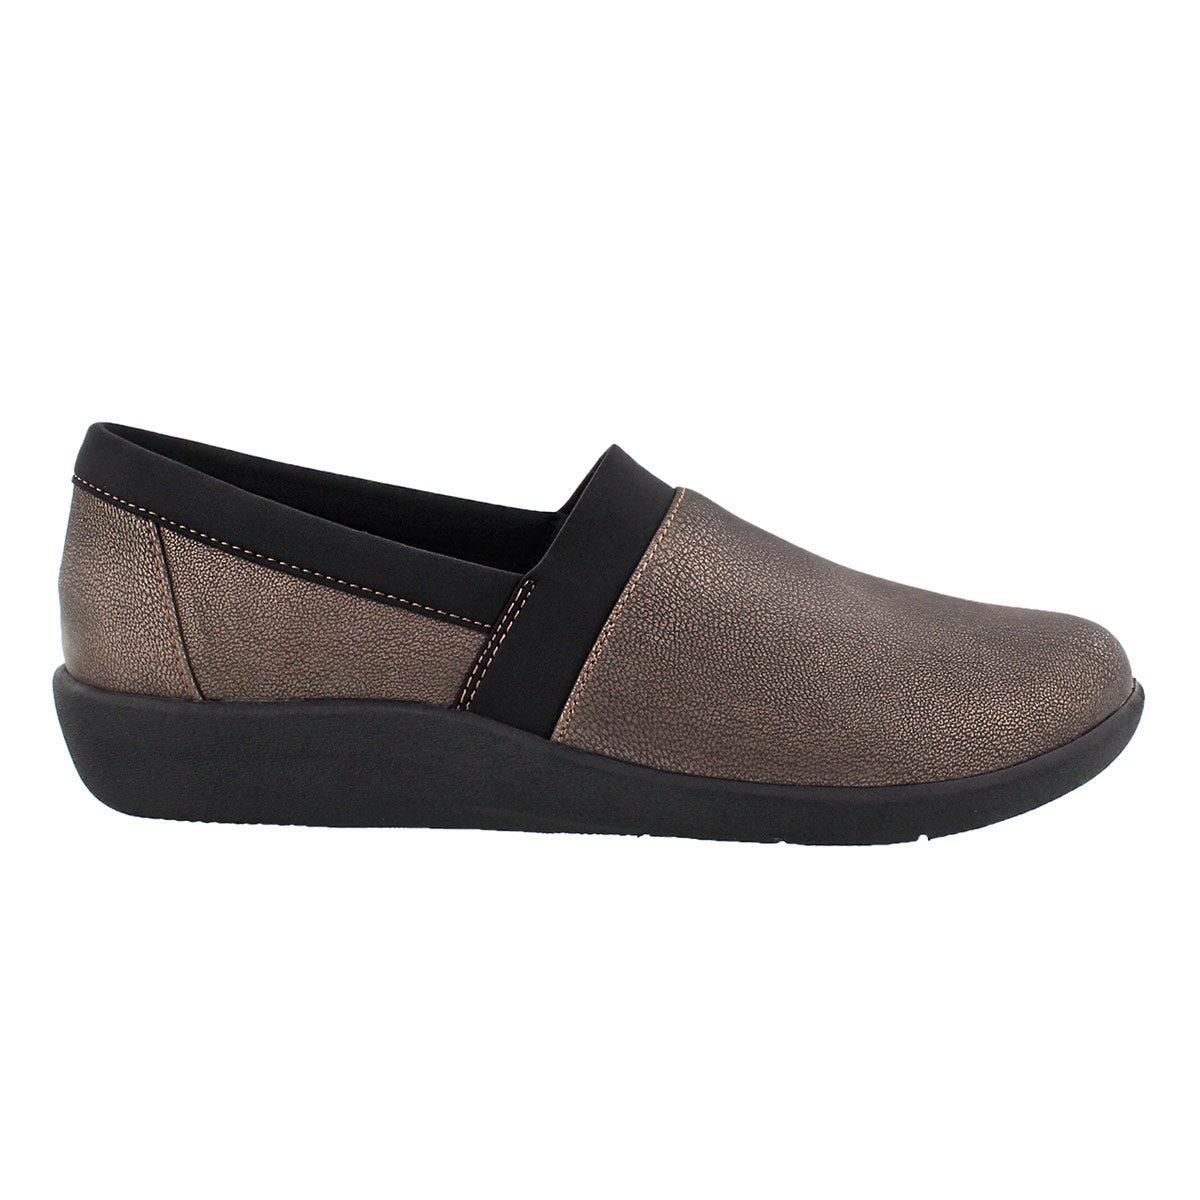 Lds Sillian Blair bronze slip on loafer